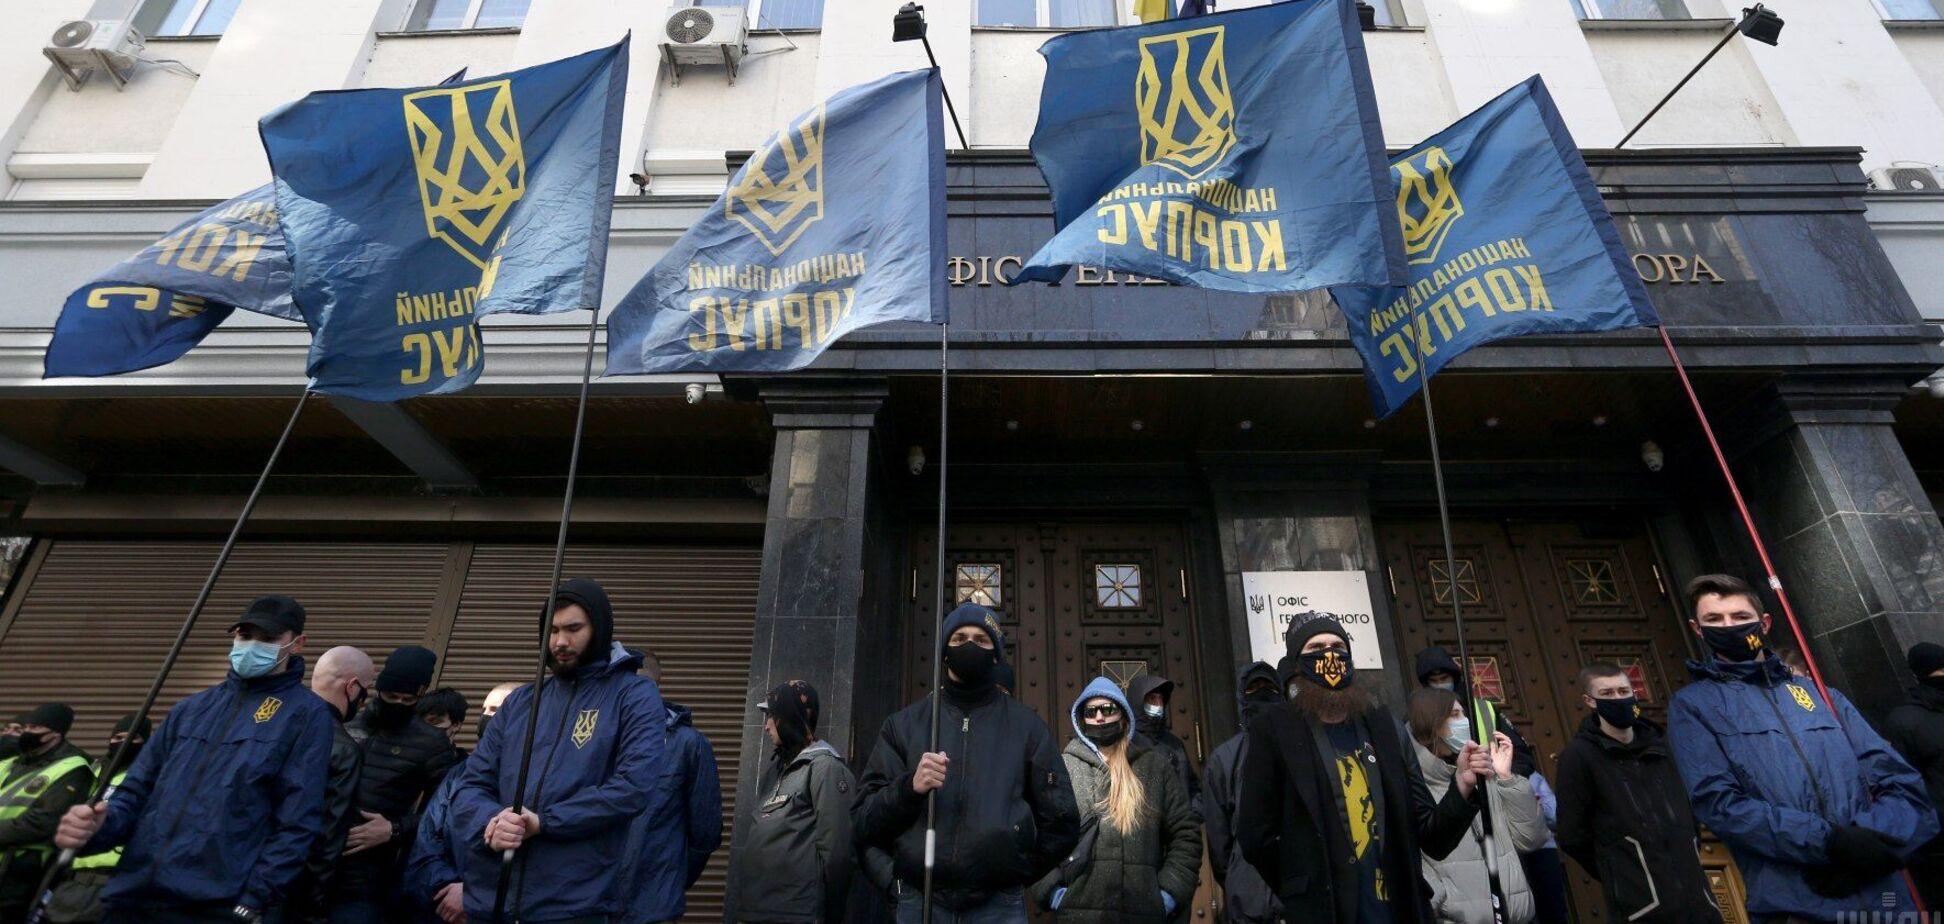 У Києві біля Офісу генпрокурора протестував Нацкорпус через Медведчука. Фото